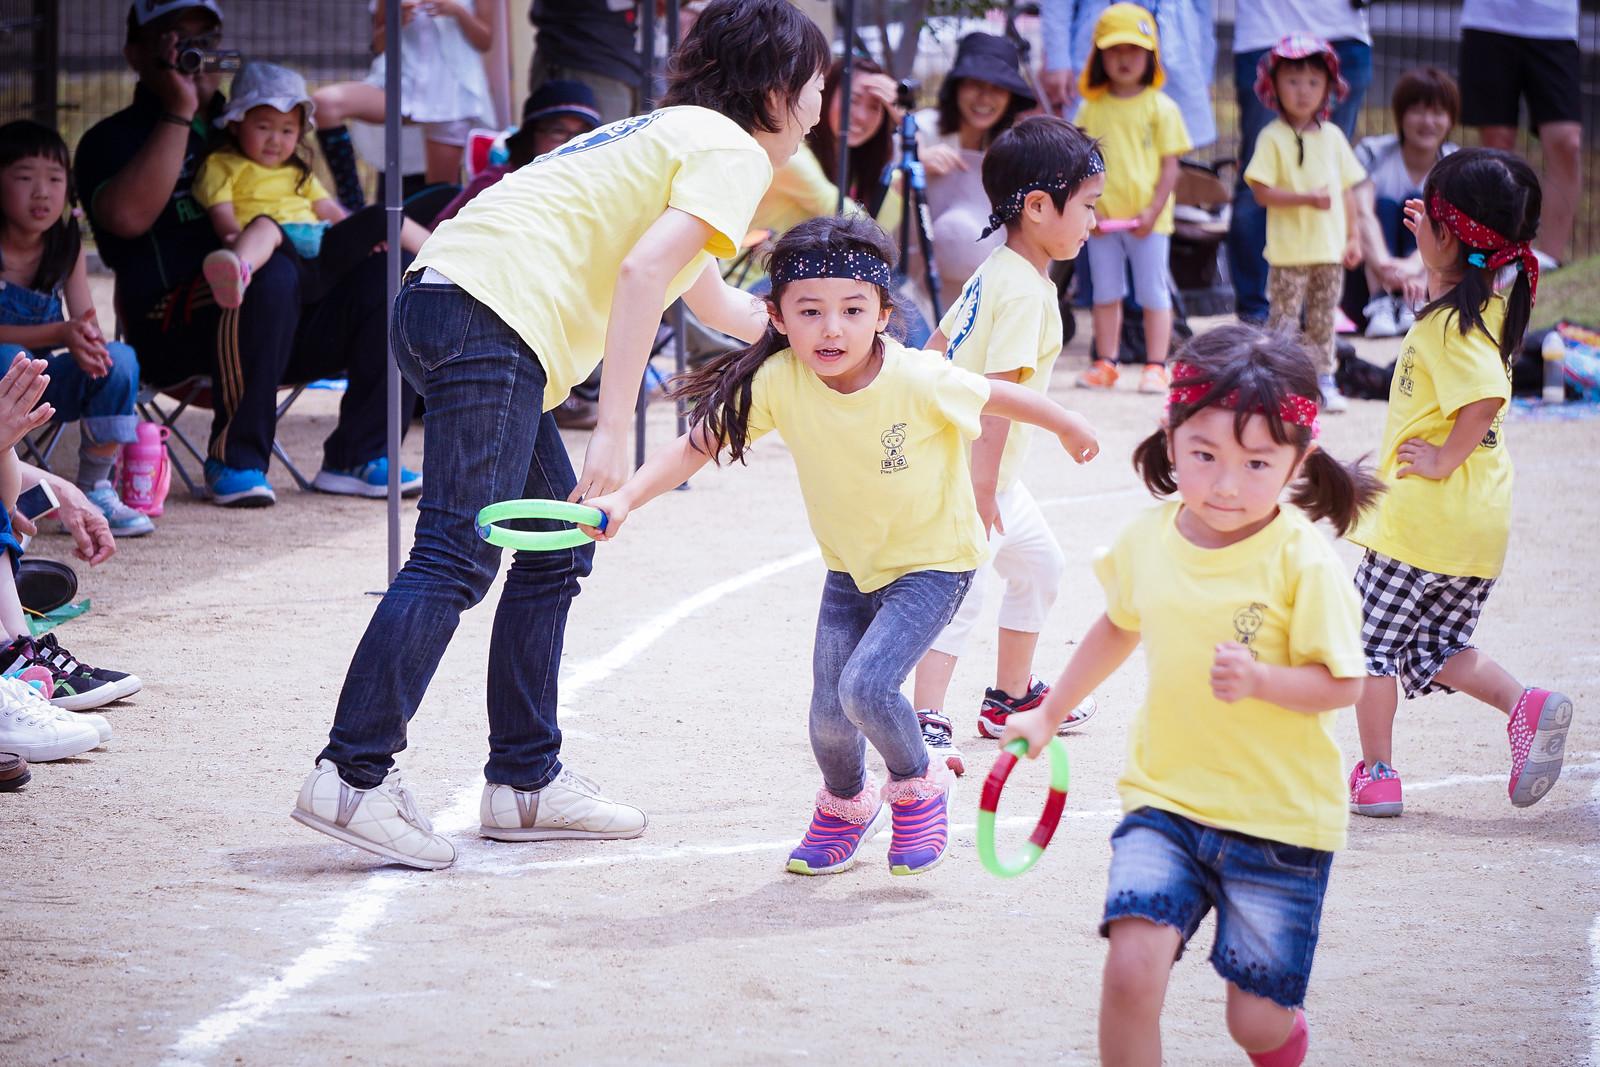 「人生で必要なことはすべて幼稚園の砂場で学んだ」大切な幼稚園選びはココをおさえよう!のタイトル画像